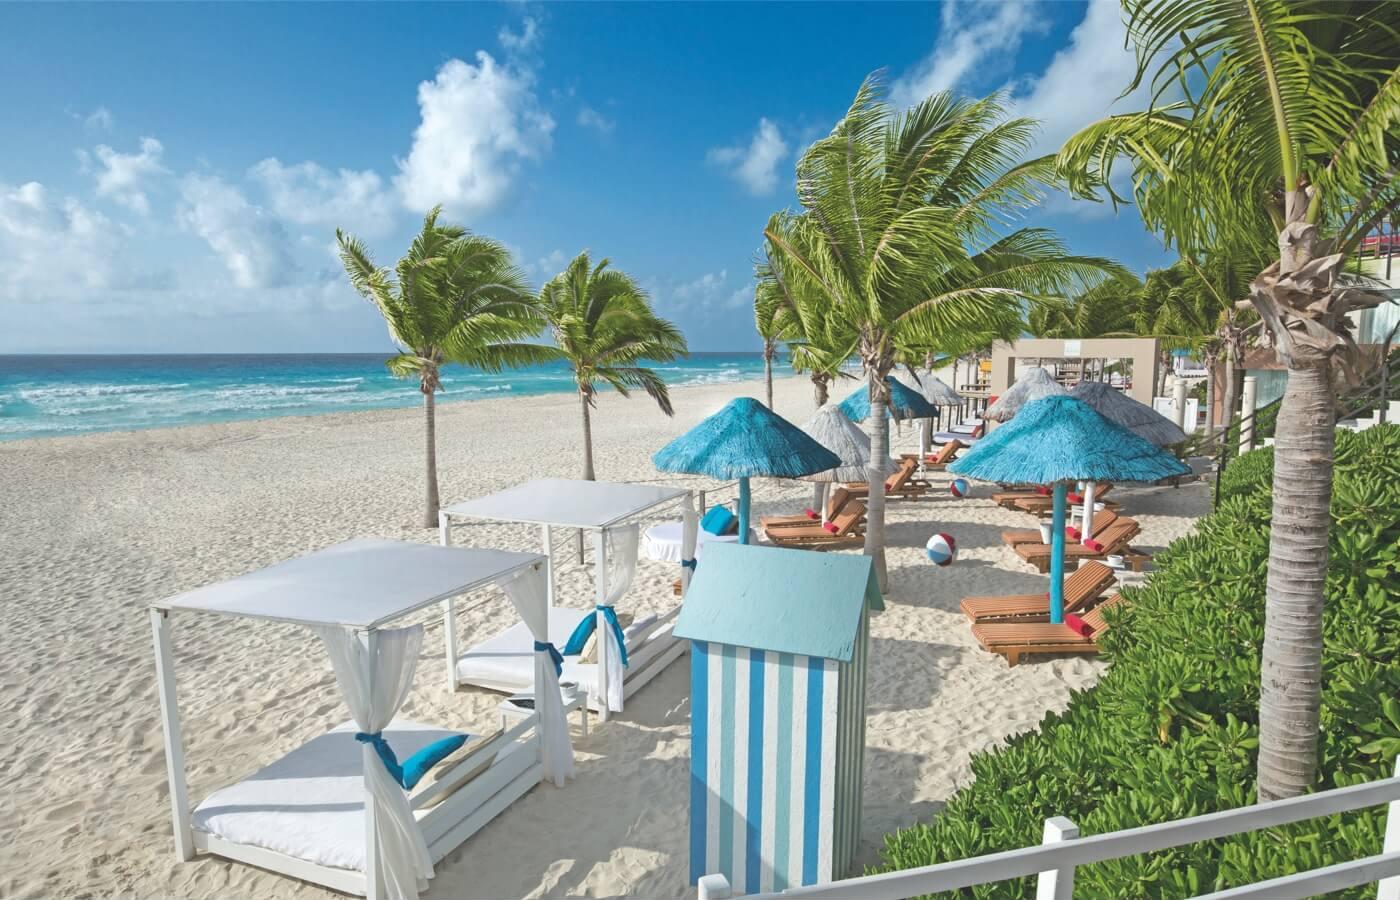 Vista a la playa con Camastros y palapas de hoteles Oasis